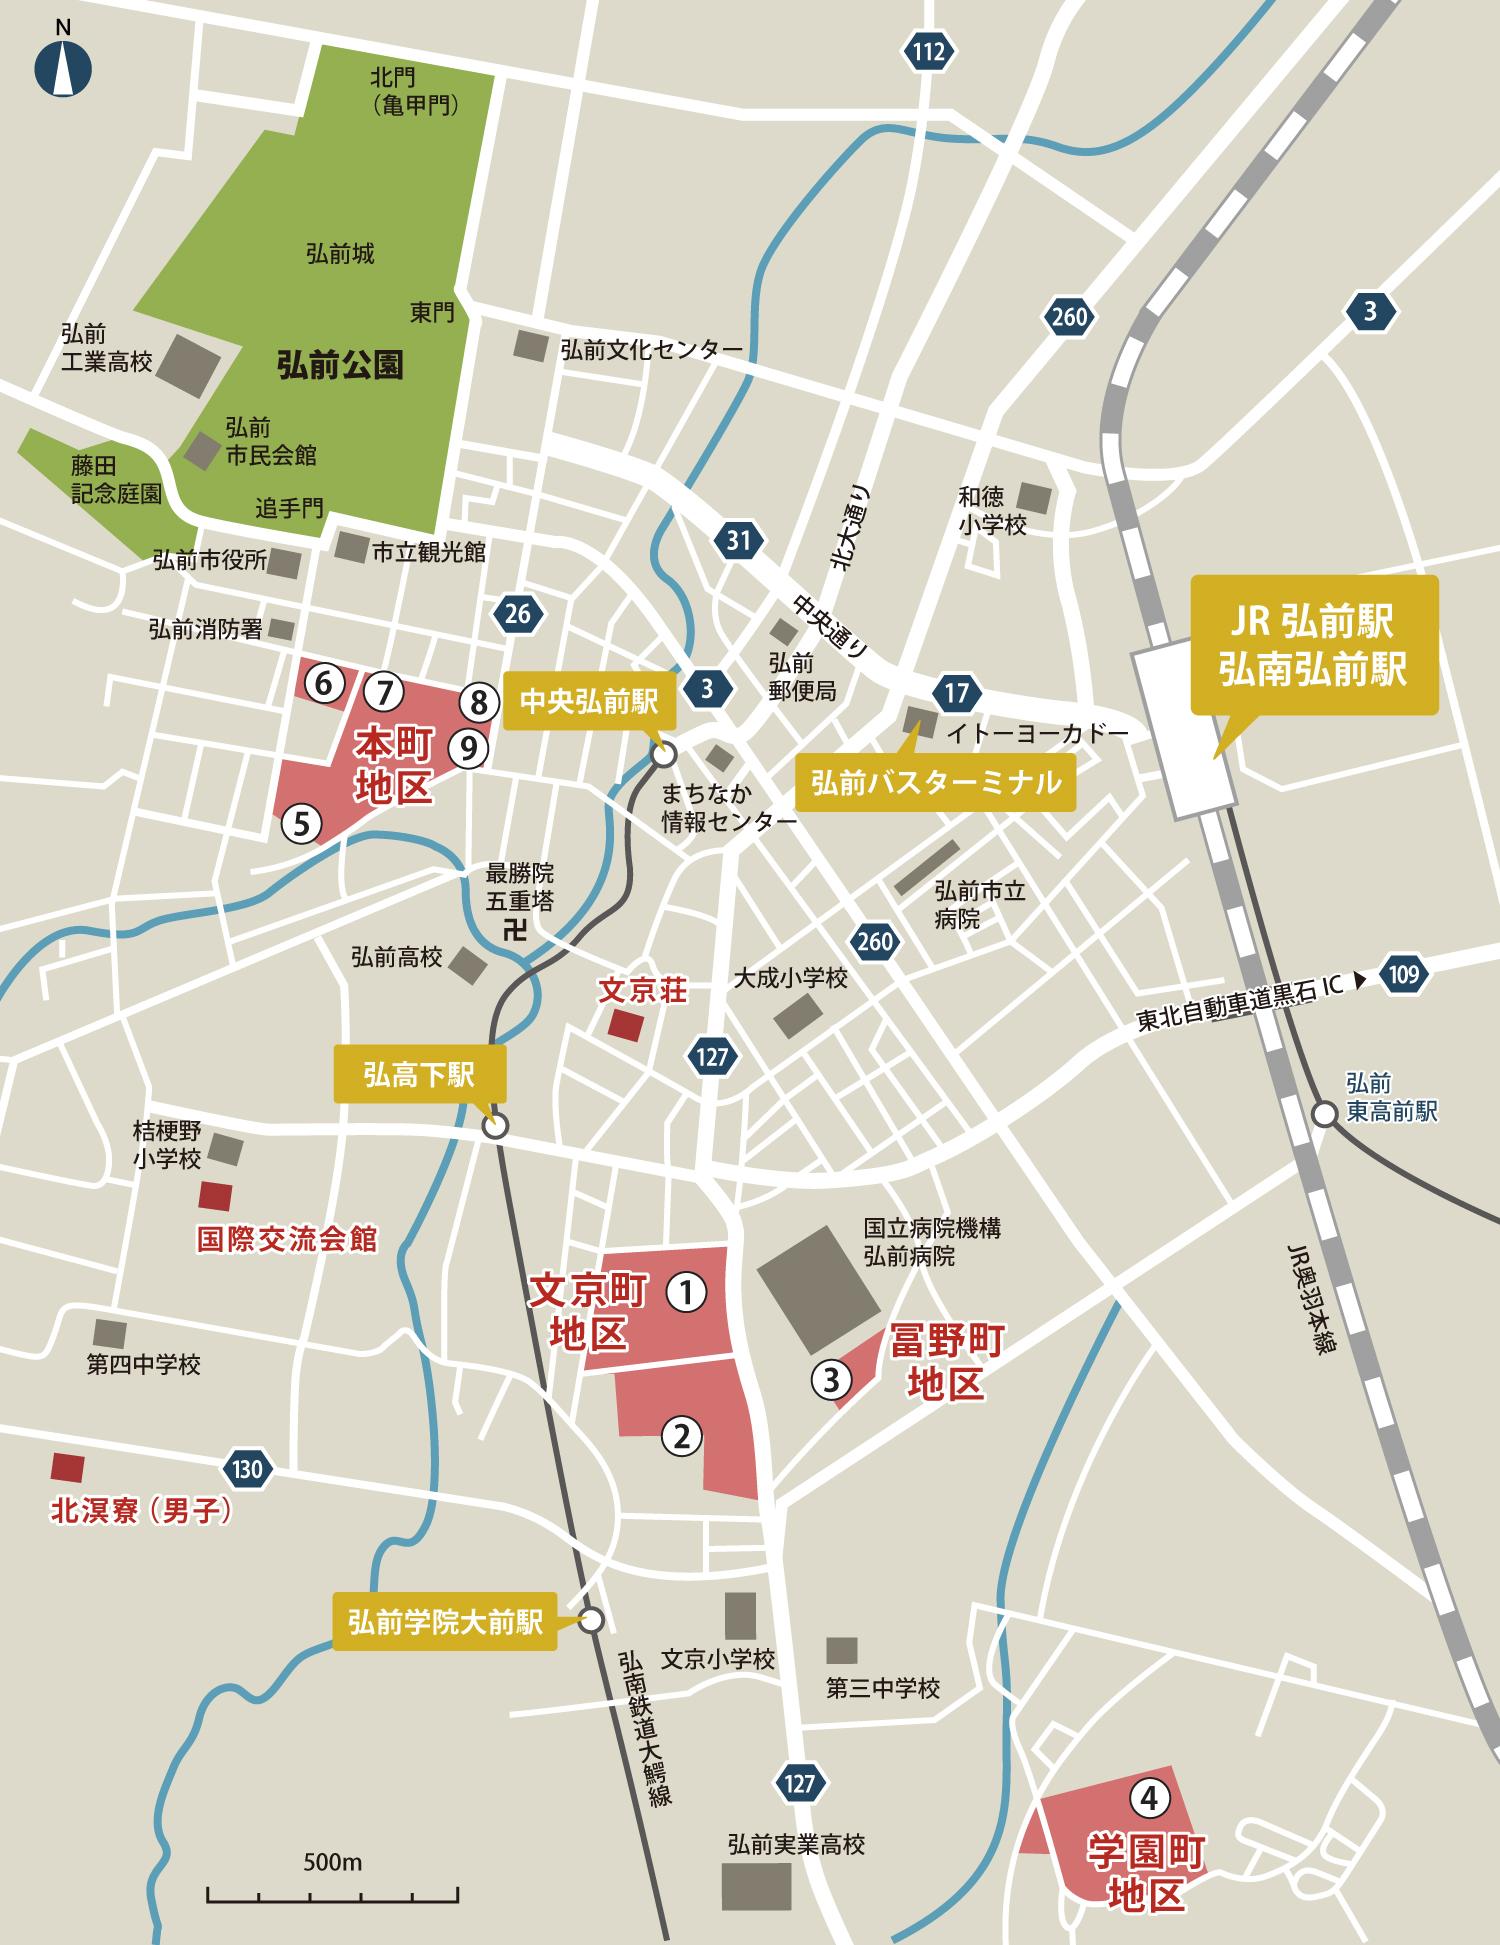 弘前大学キャンパスマップ